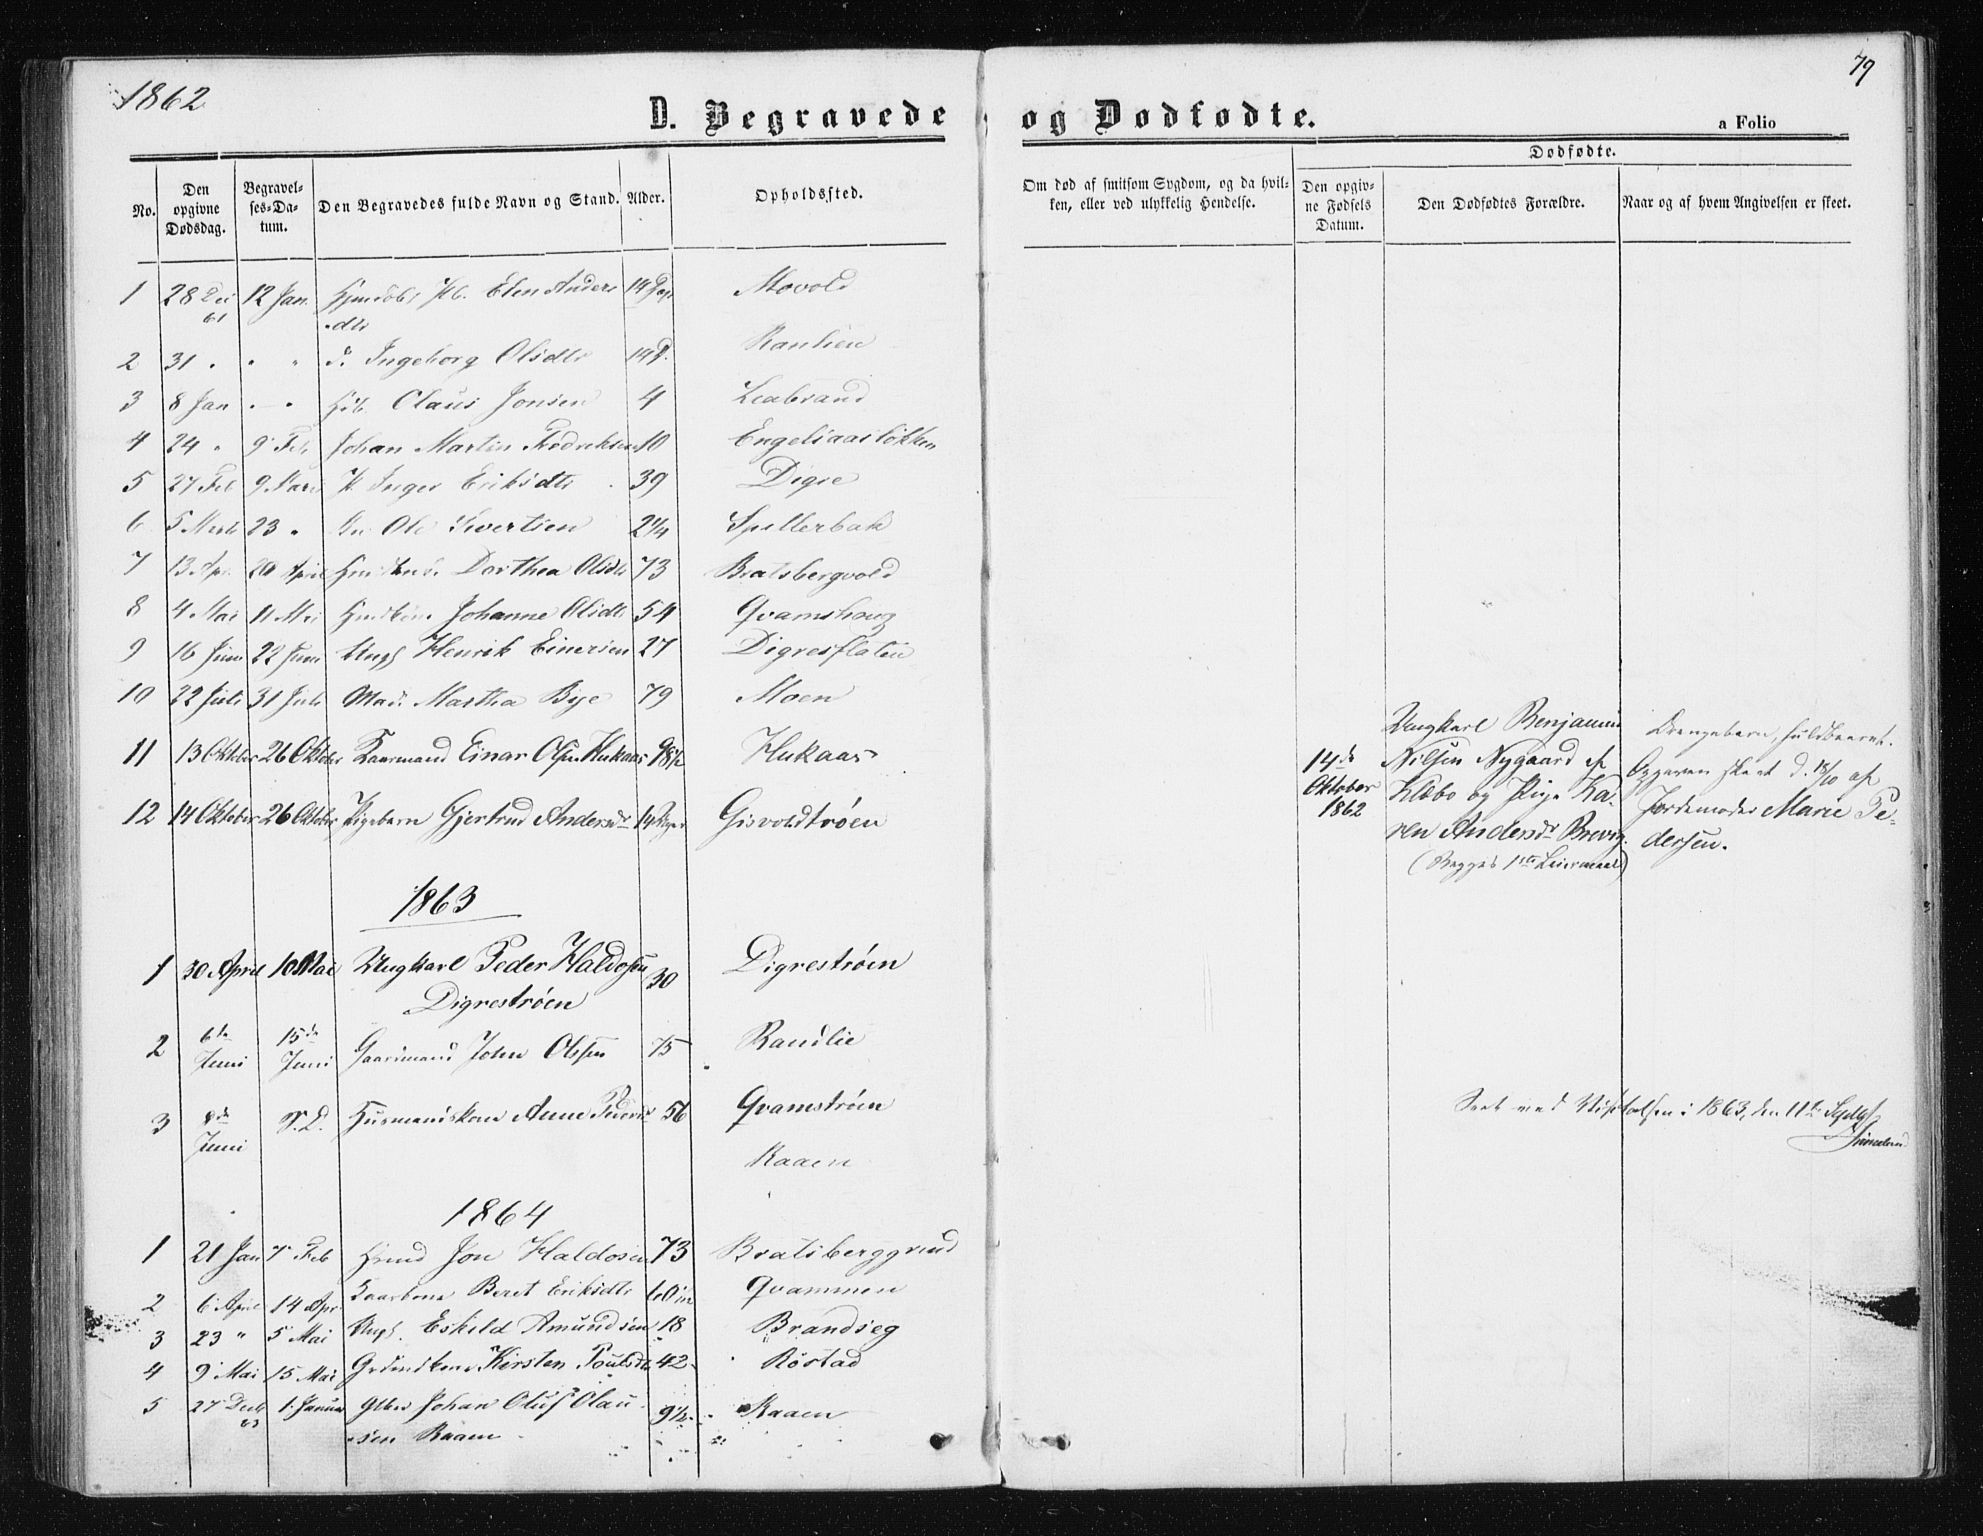 SAT, Ministerialprotokoller, klokkerbøker og fødselsregistre - Sør-Trøndelag, 608/L0333: Ministerialbok nr. 608A02, 1862-1876, s. 79